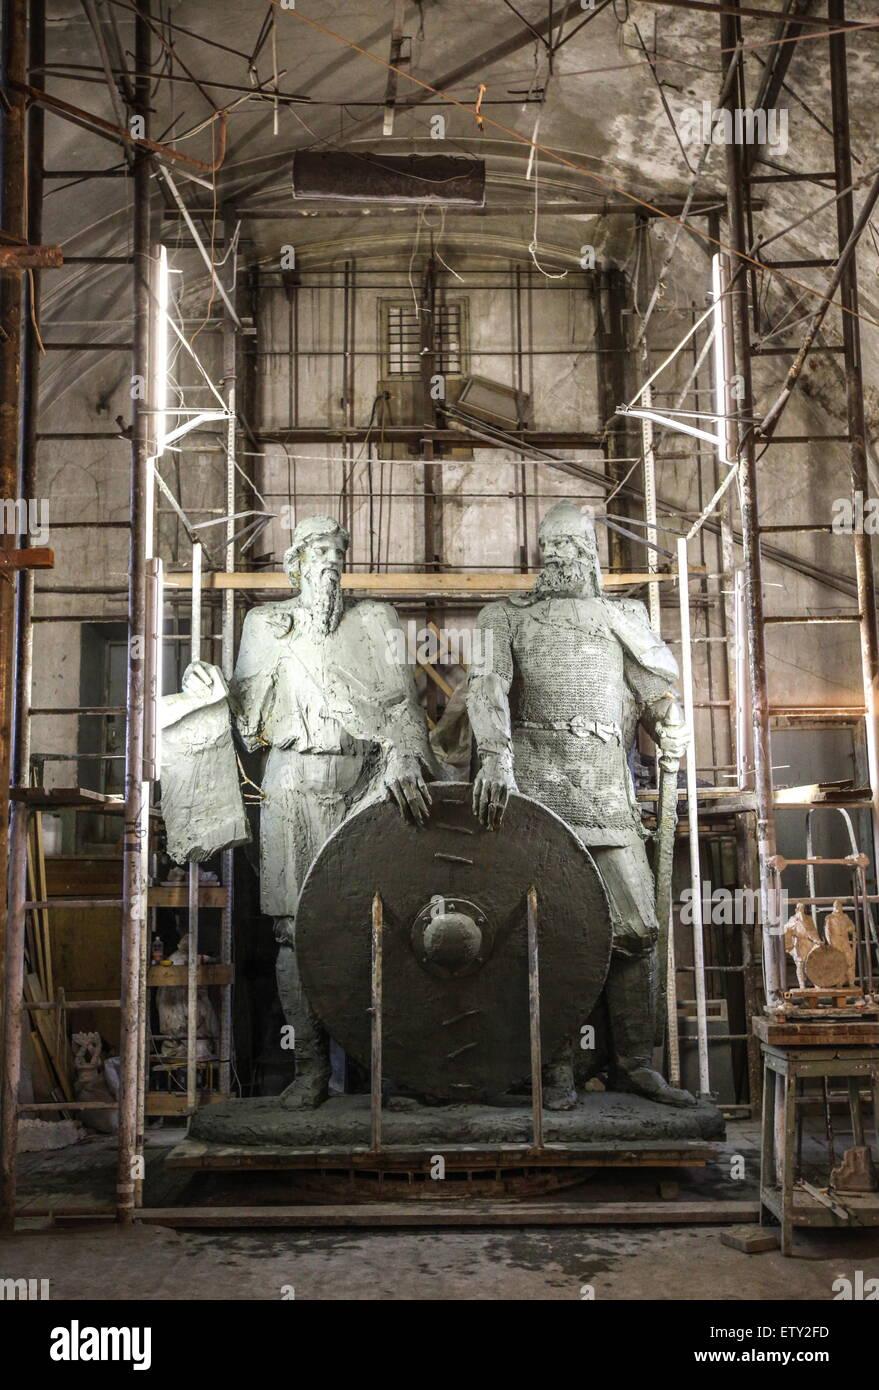 ST PETERSBURG, RUSSLAND. 15. JUNI 2015. Unvollendete Statuen von Rurik und Oleg von Nowgorod, prominente Persönlichkeiten Stockbild